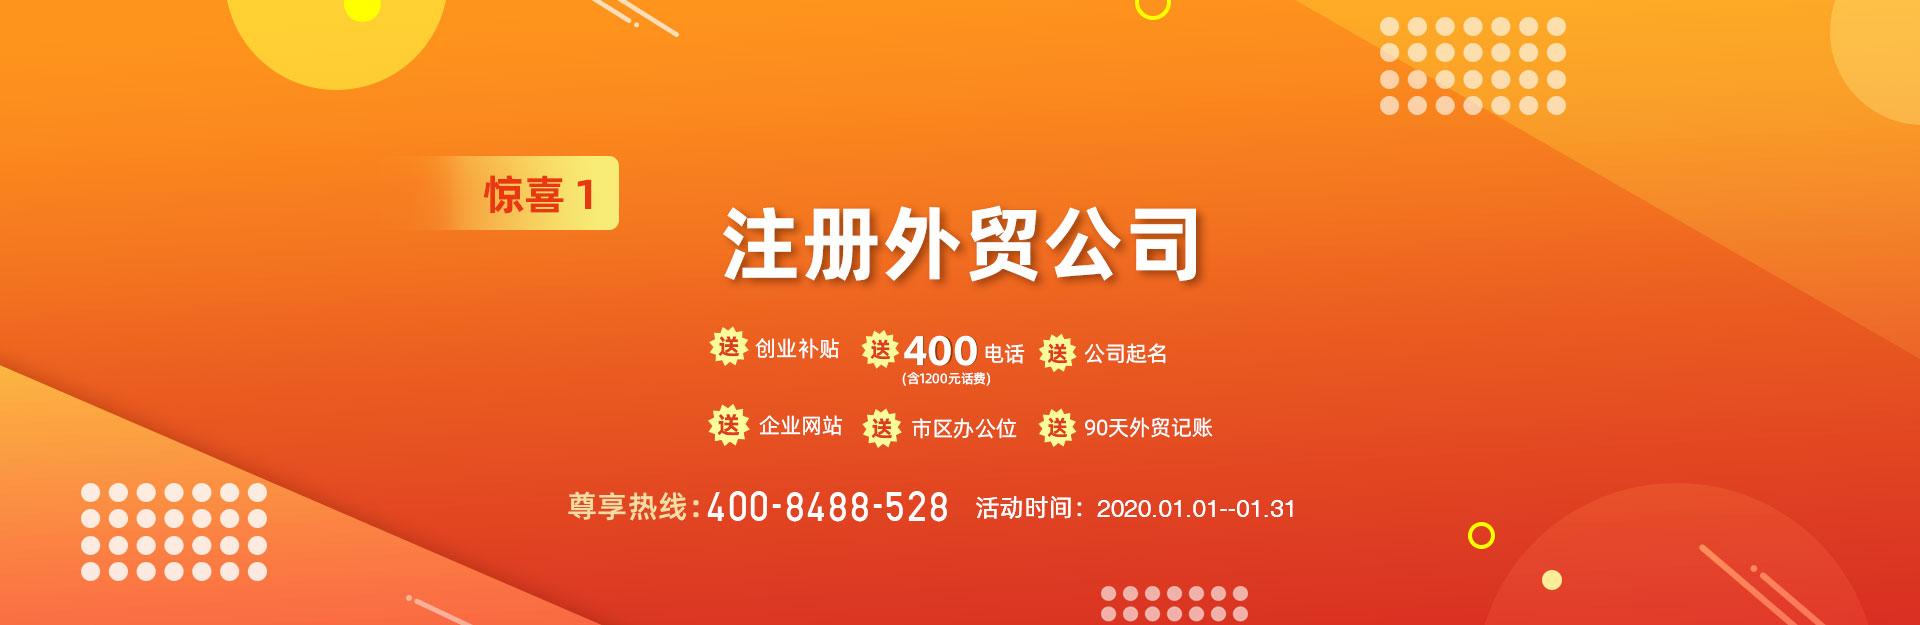 太阳娱乐官网